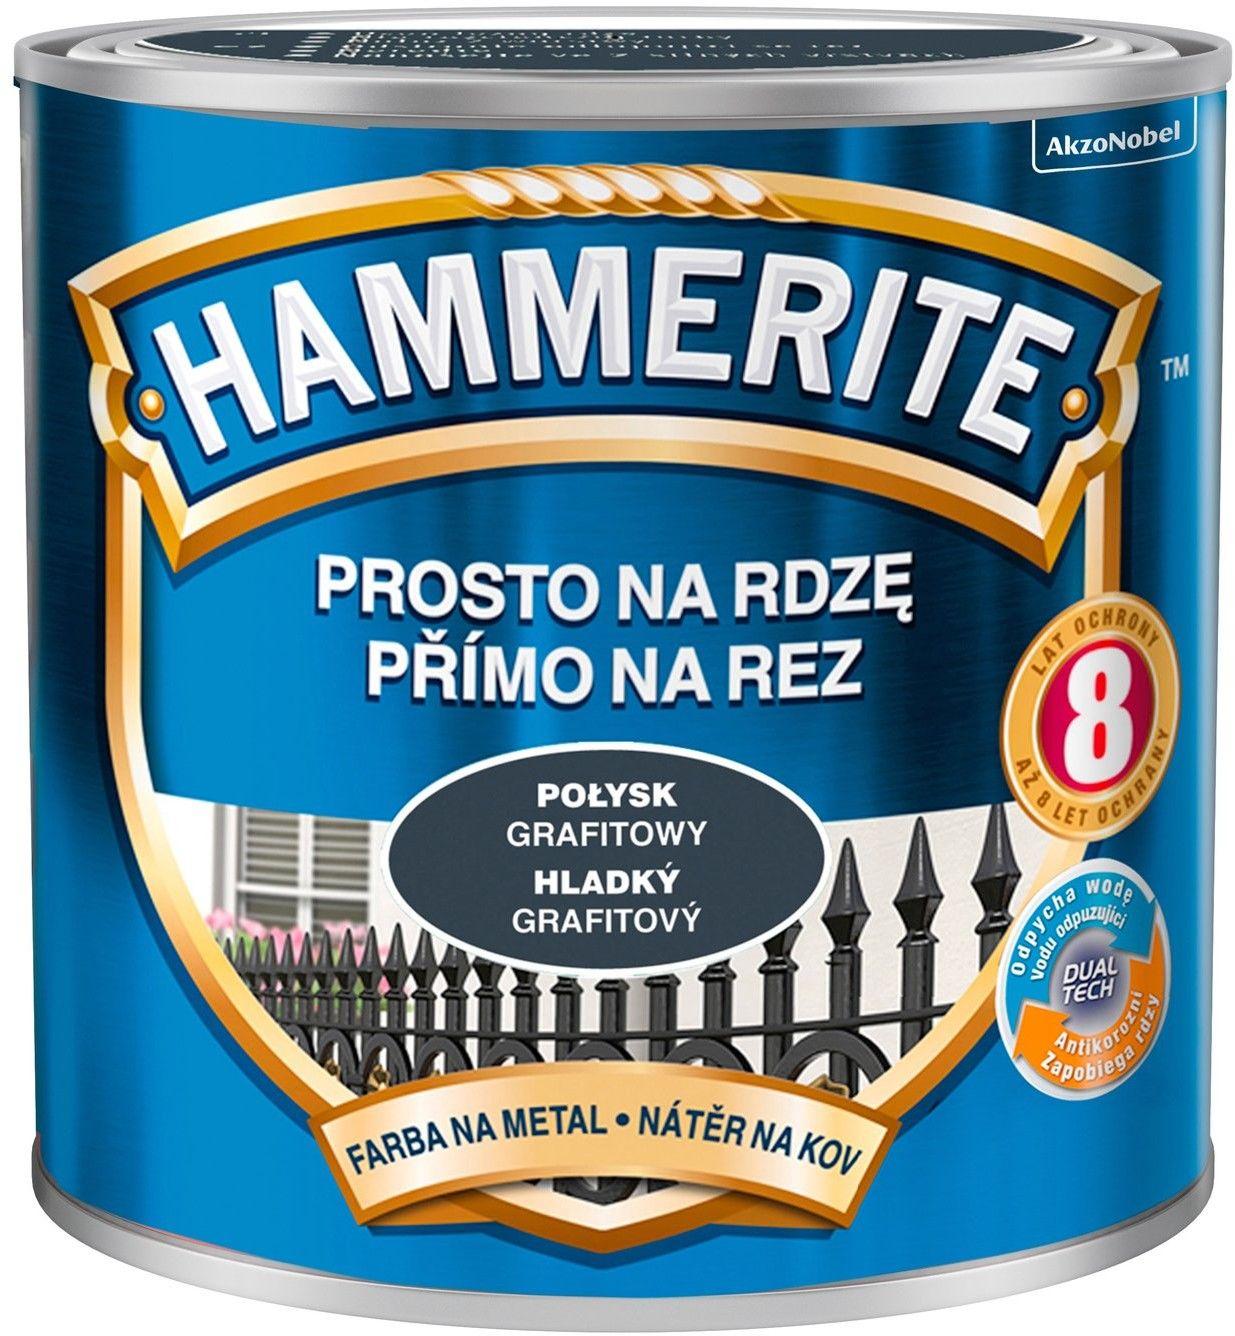 Farba Hammerite Prosto Na Rdzę grafit połysk 250ml